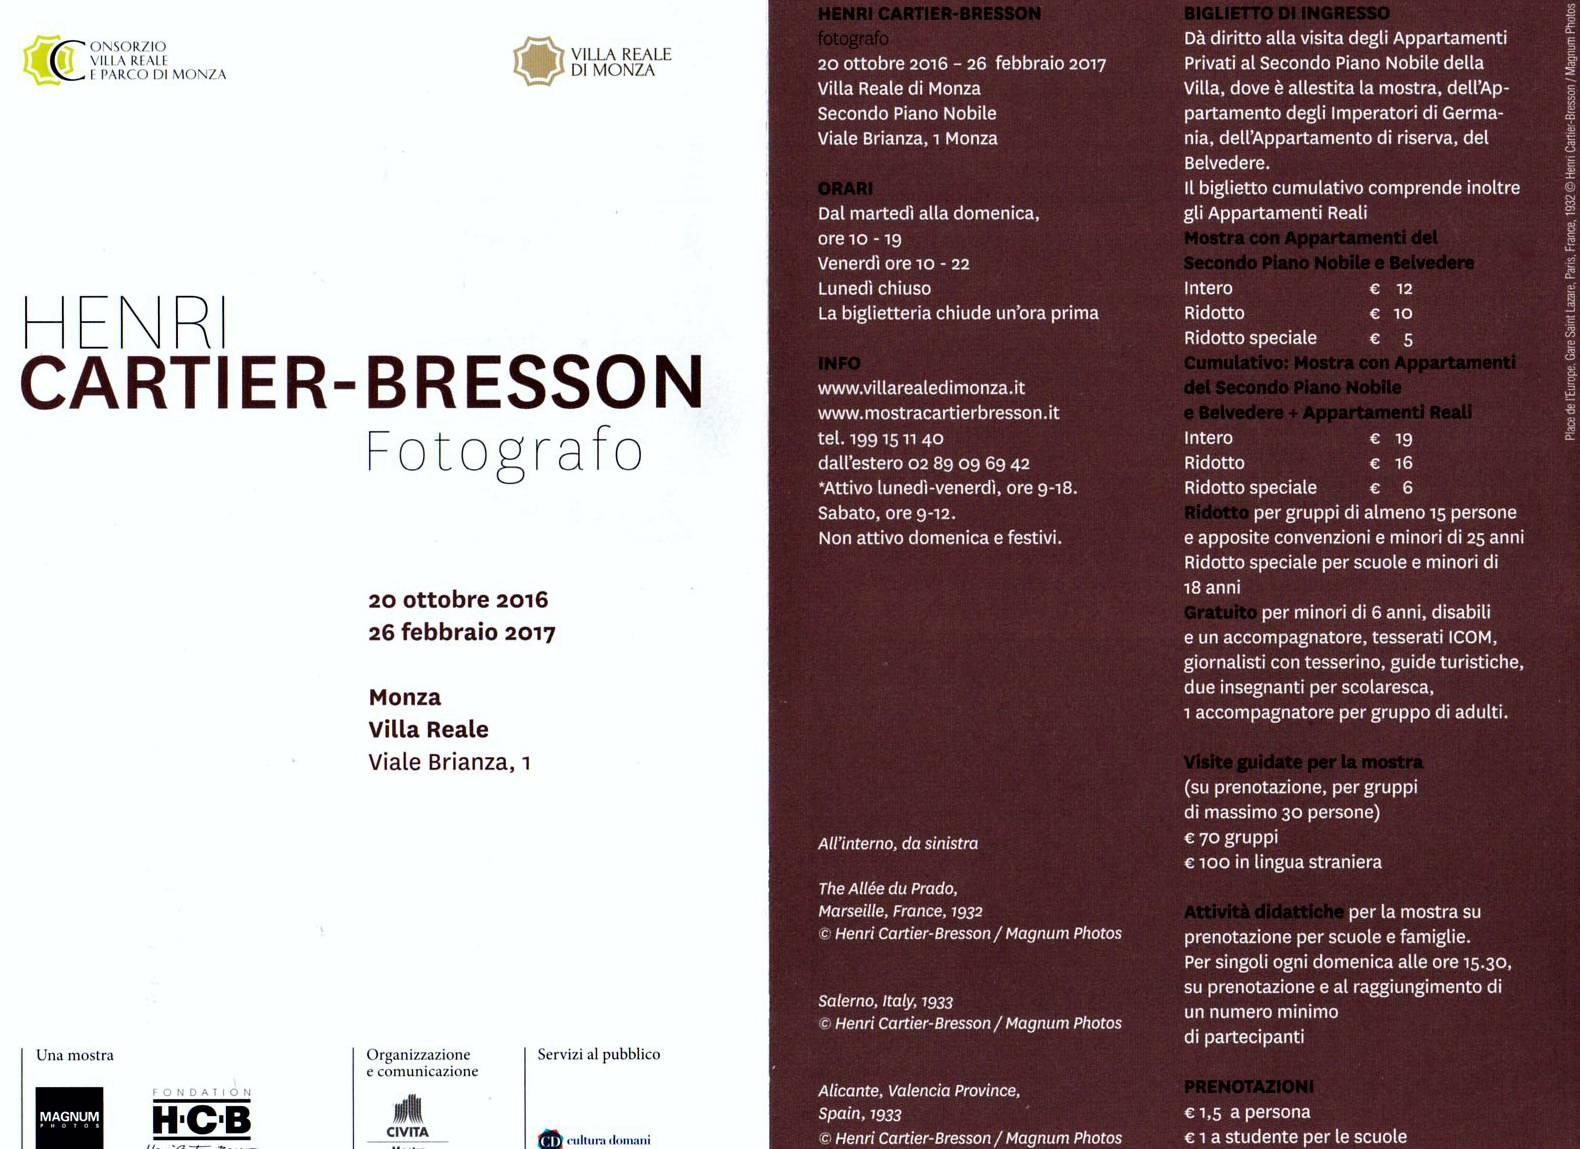 Villa reale fotoclub bergamo for Cartier bresson monza